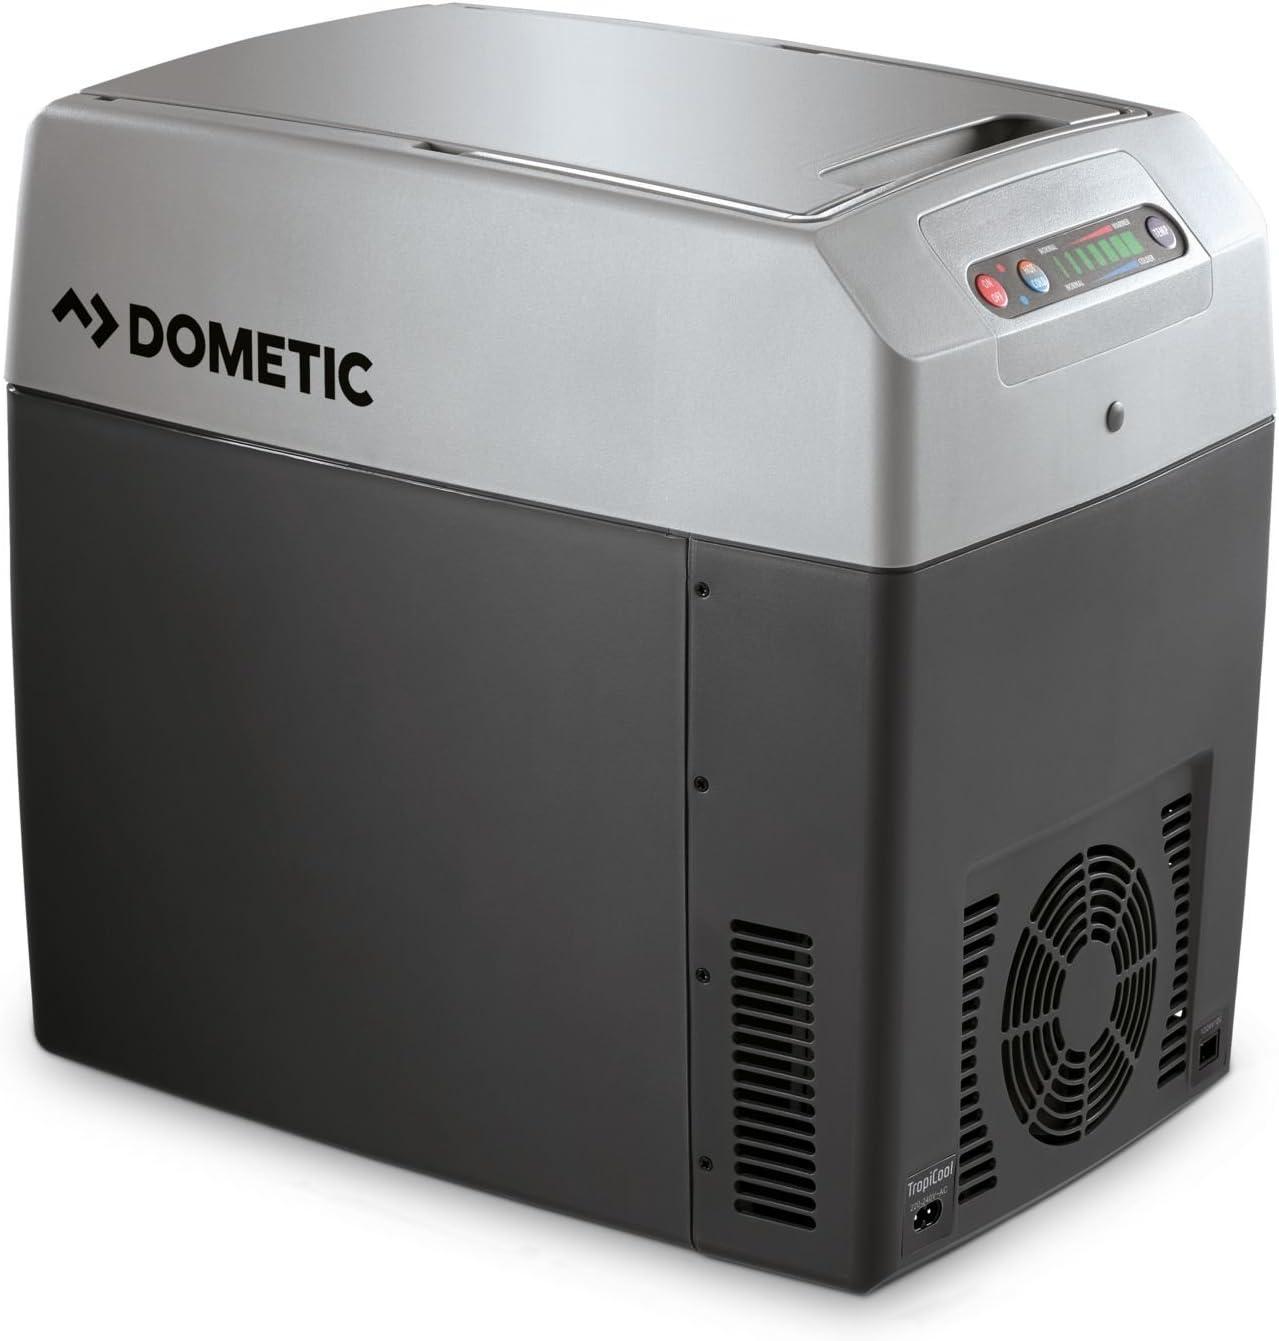 Dometic Tropicool TC 21 - Nevera termoeléctrica portátil, conexiones 12 / 24 / 230 V, 20 litros de capacidad, clasificación energética A++